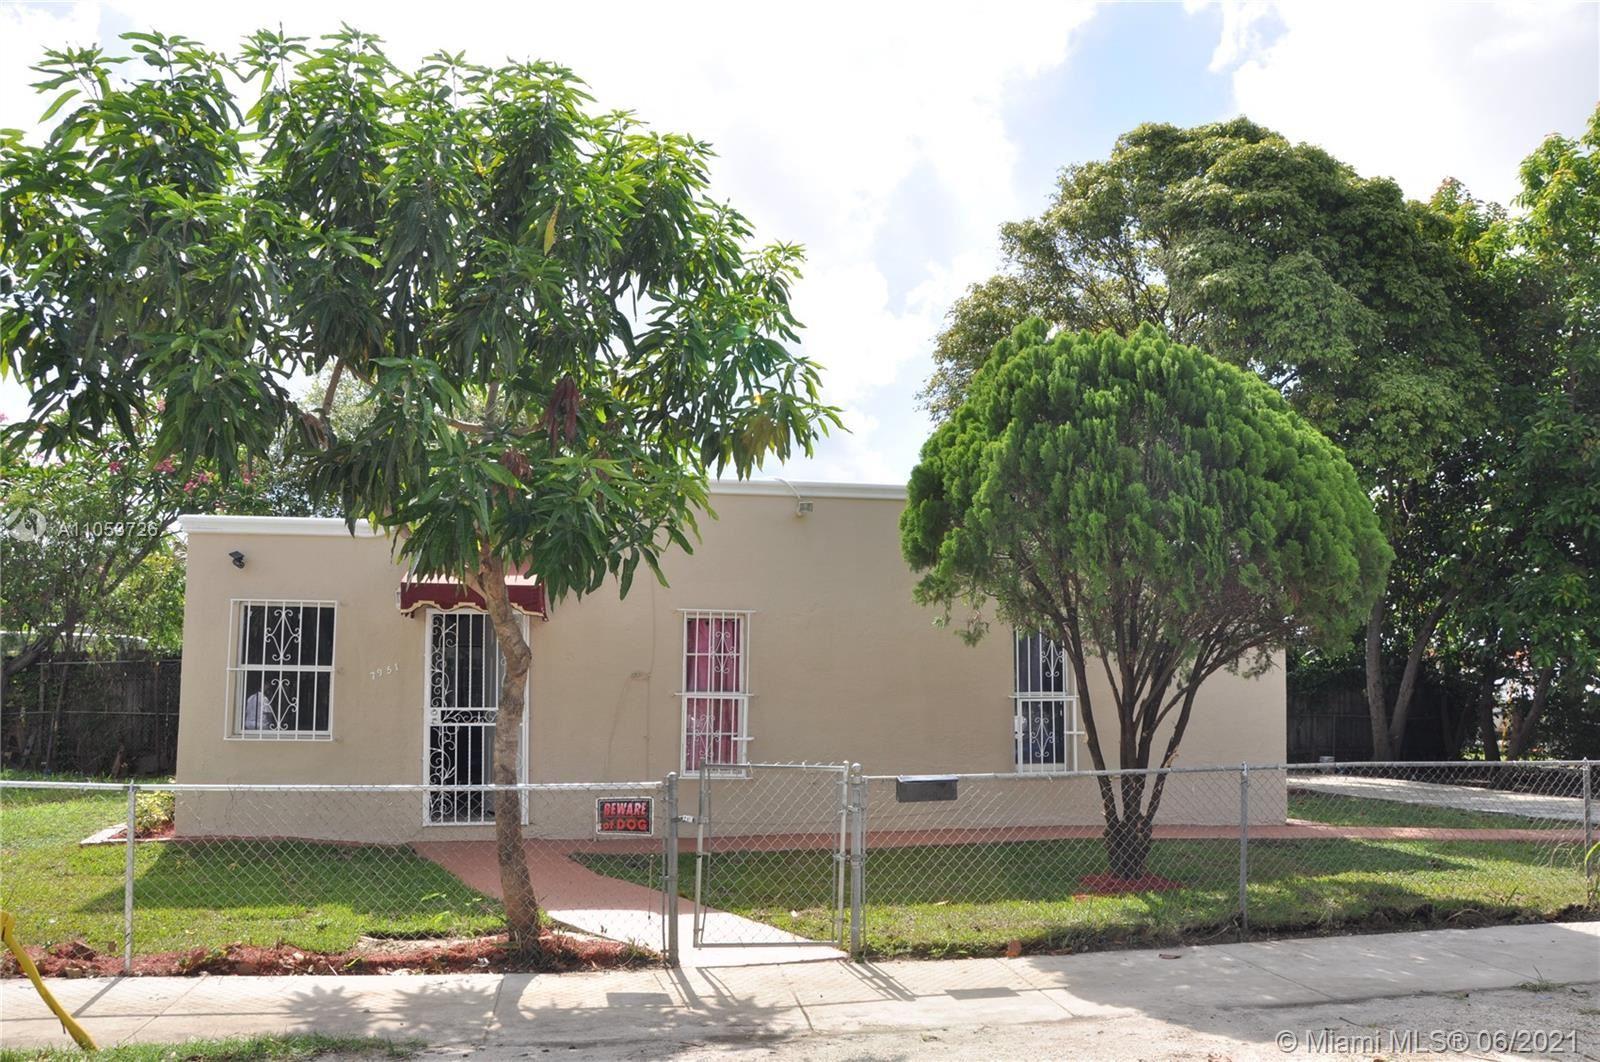 7951 NW 4th Ave, Miami, FL 33150 - #: A11053726